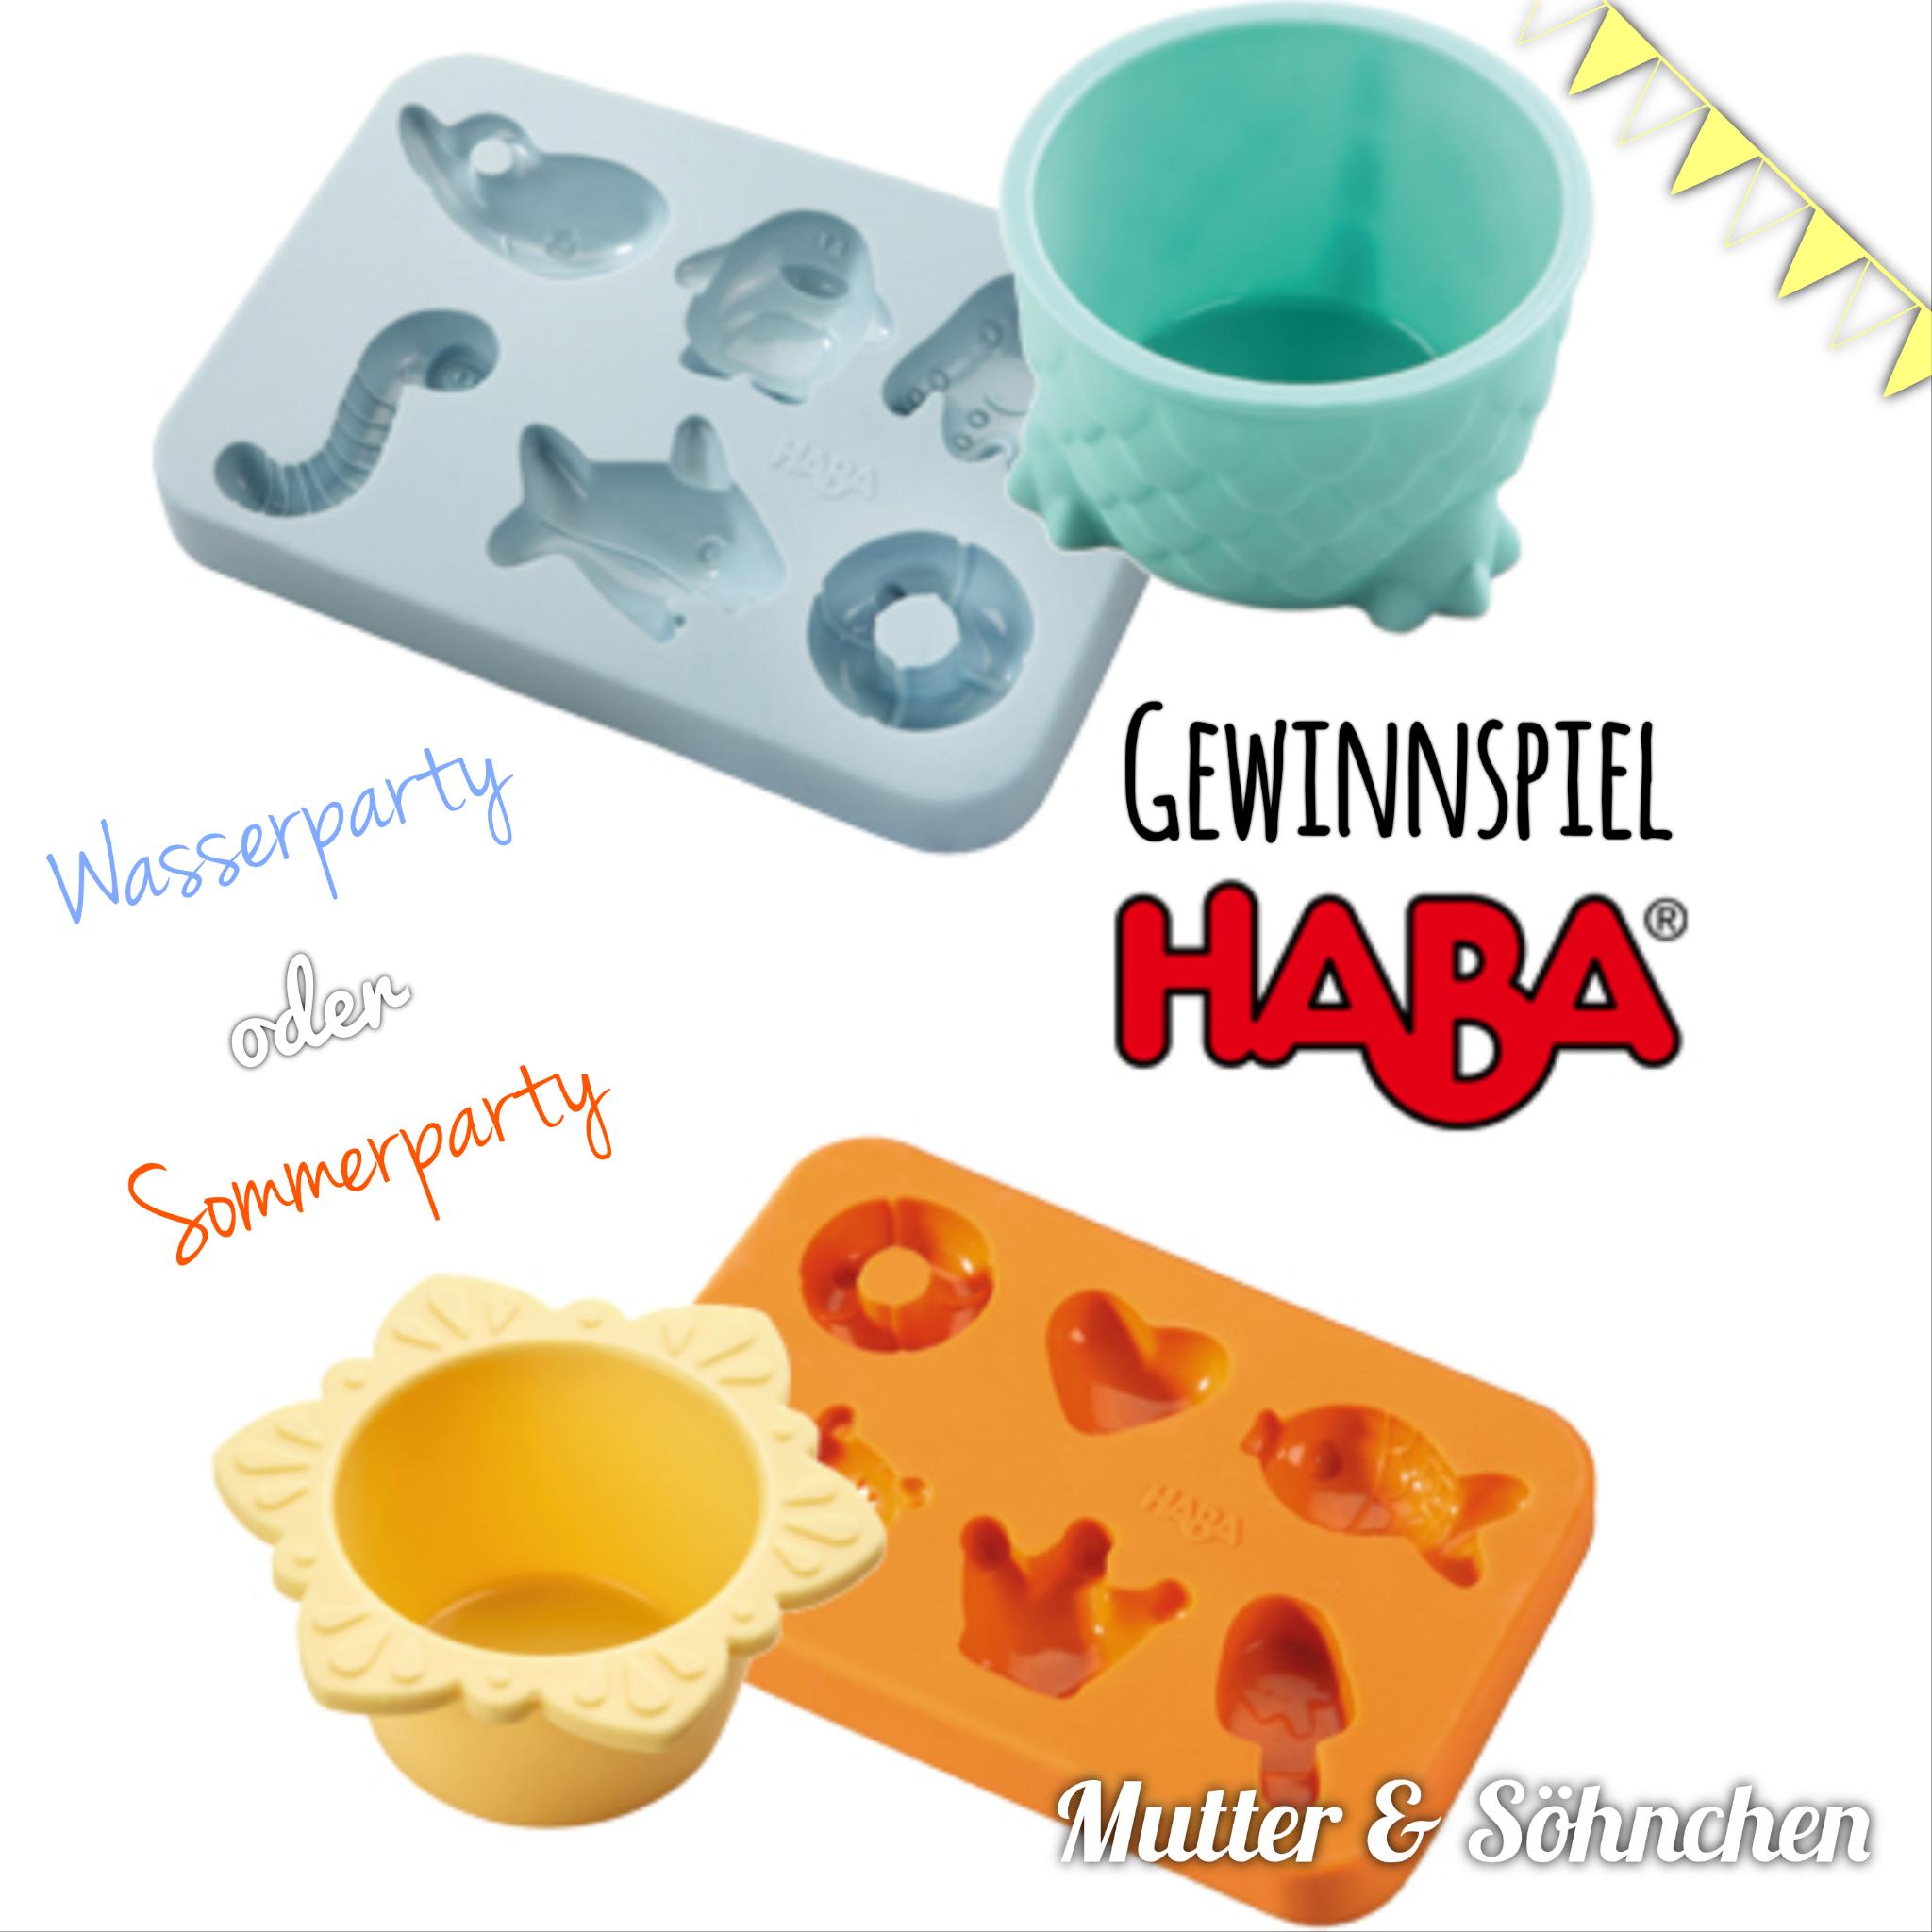 Tag 1: HABA Partysets #Gewinnspiel